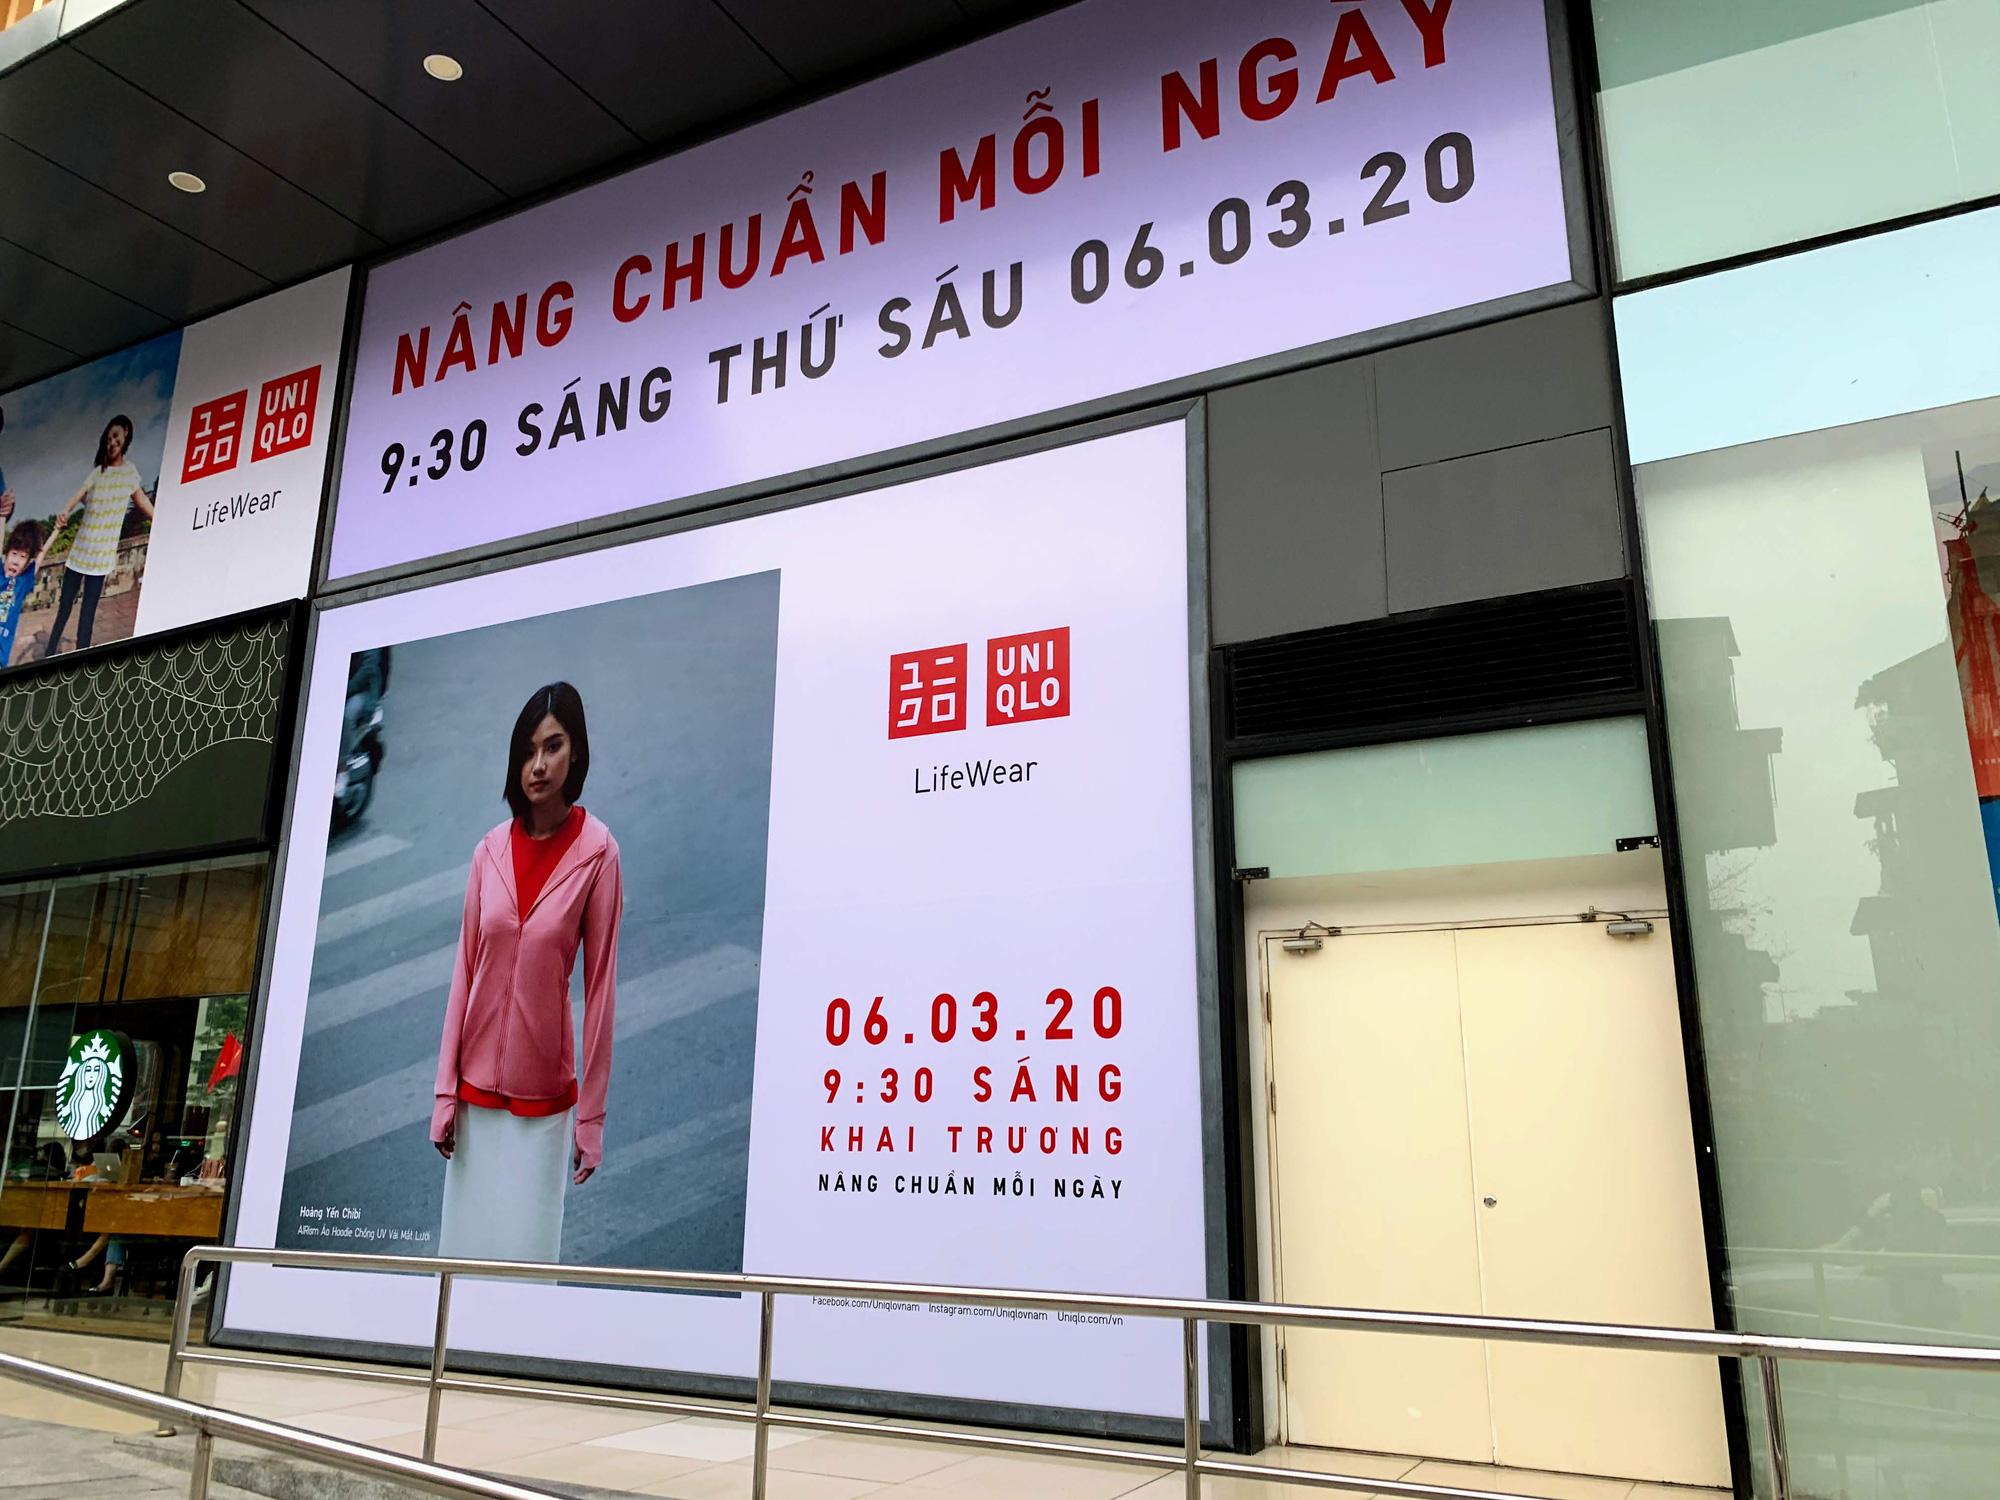 Bên trong cửa hàng Uniqlo lớn nhất Đông Nam Á ở Hà Nội có gì? - Ảnh 3.